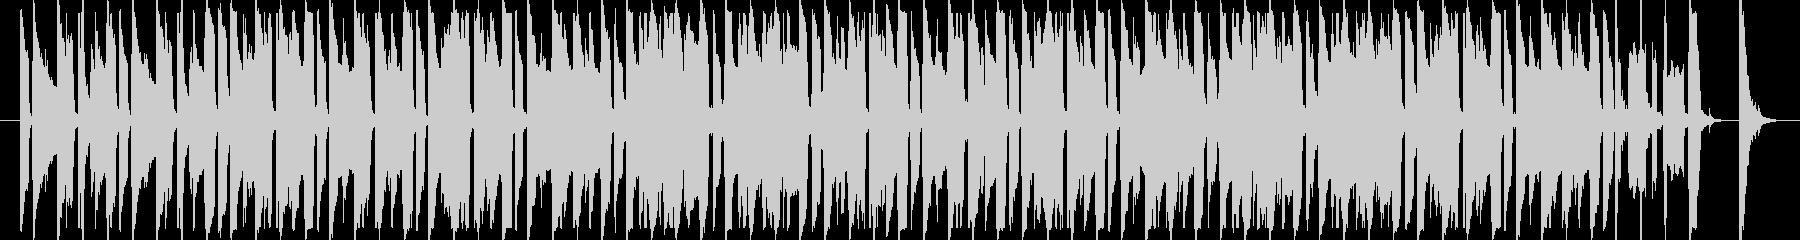 モータウンビートのウキウキBGMの未再生の波形